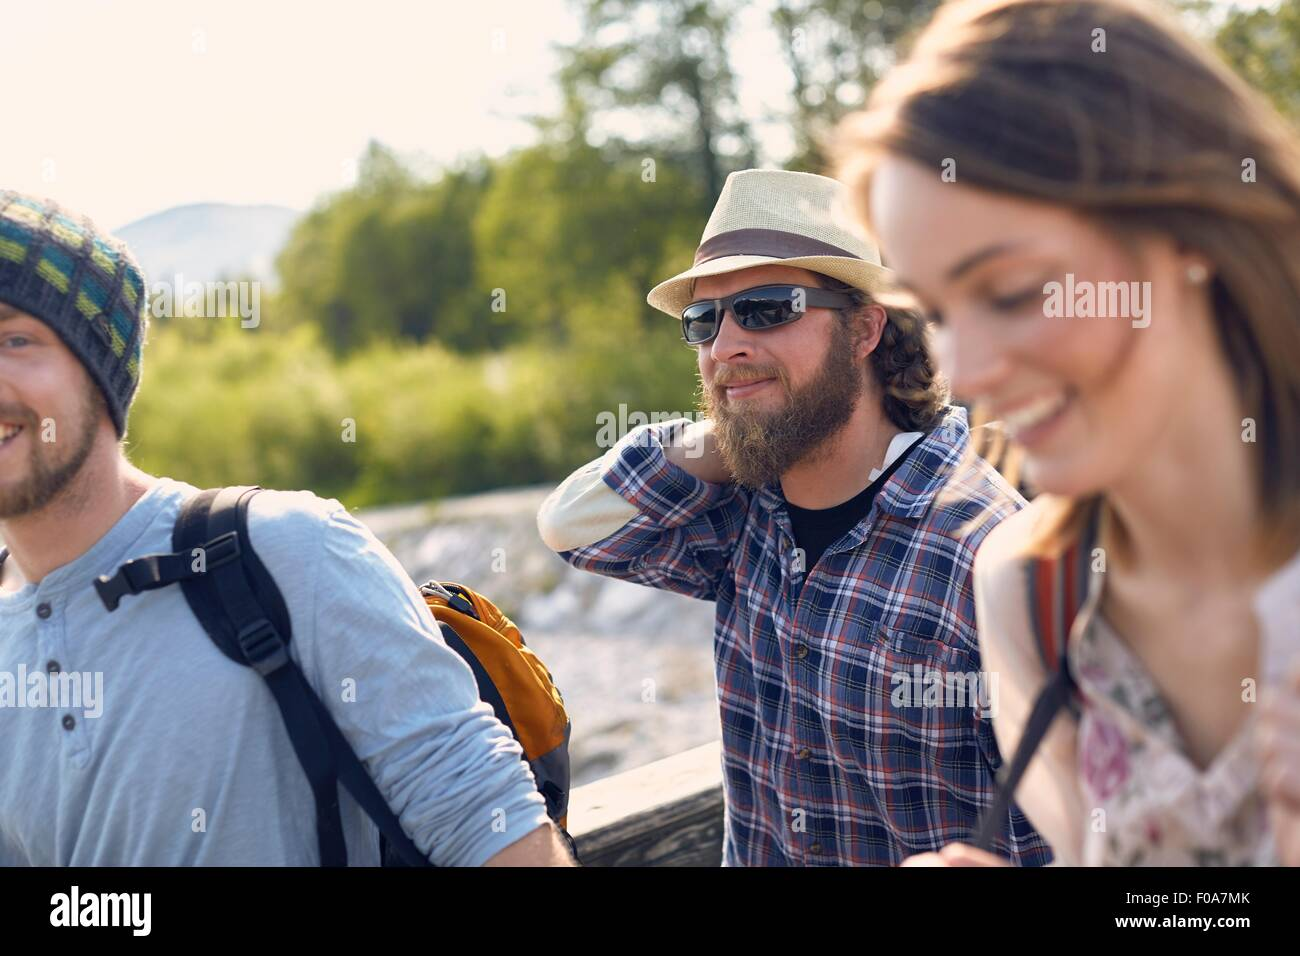 Tres personas caminando juntos portando mochilas, sonriendo Imagen De Stock